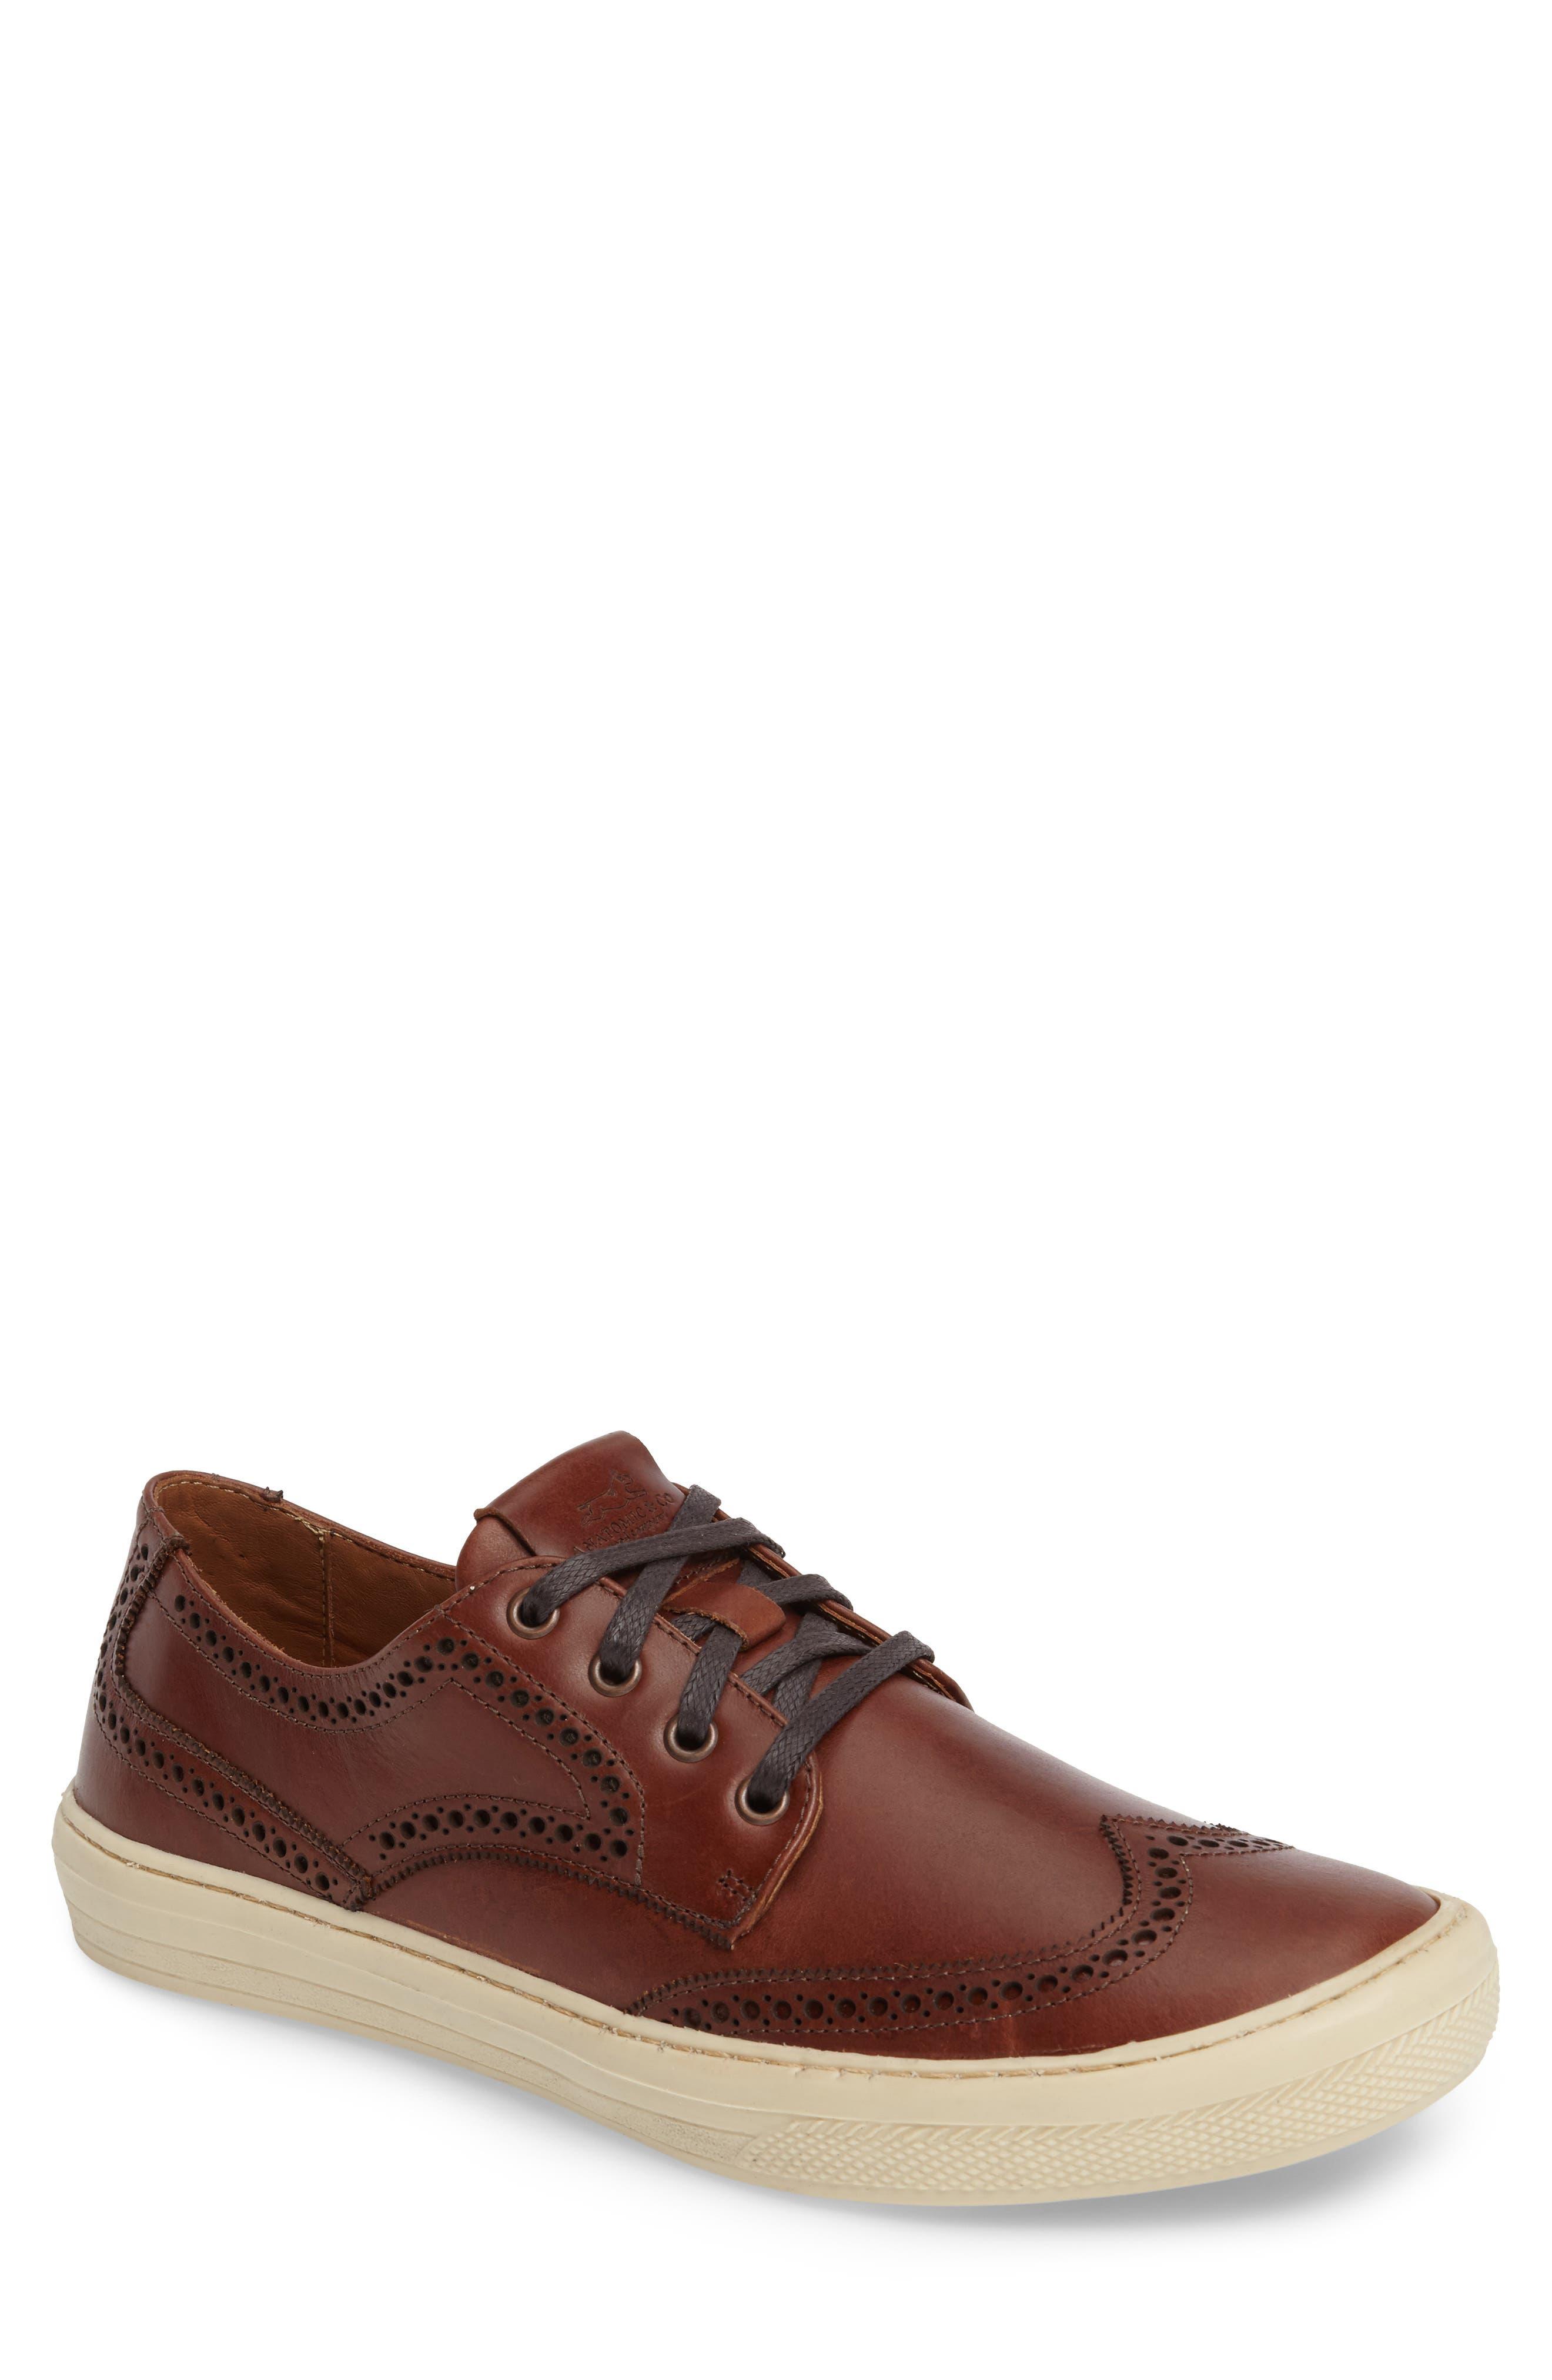 Bariri Wingtip Sneaker,                             Main thumbnail 1, color,                             200